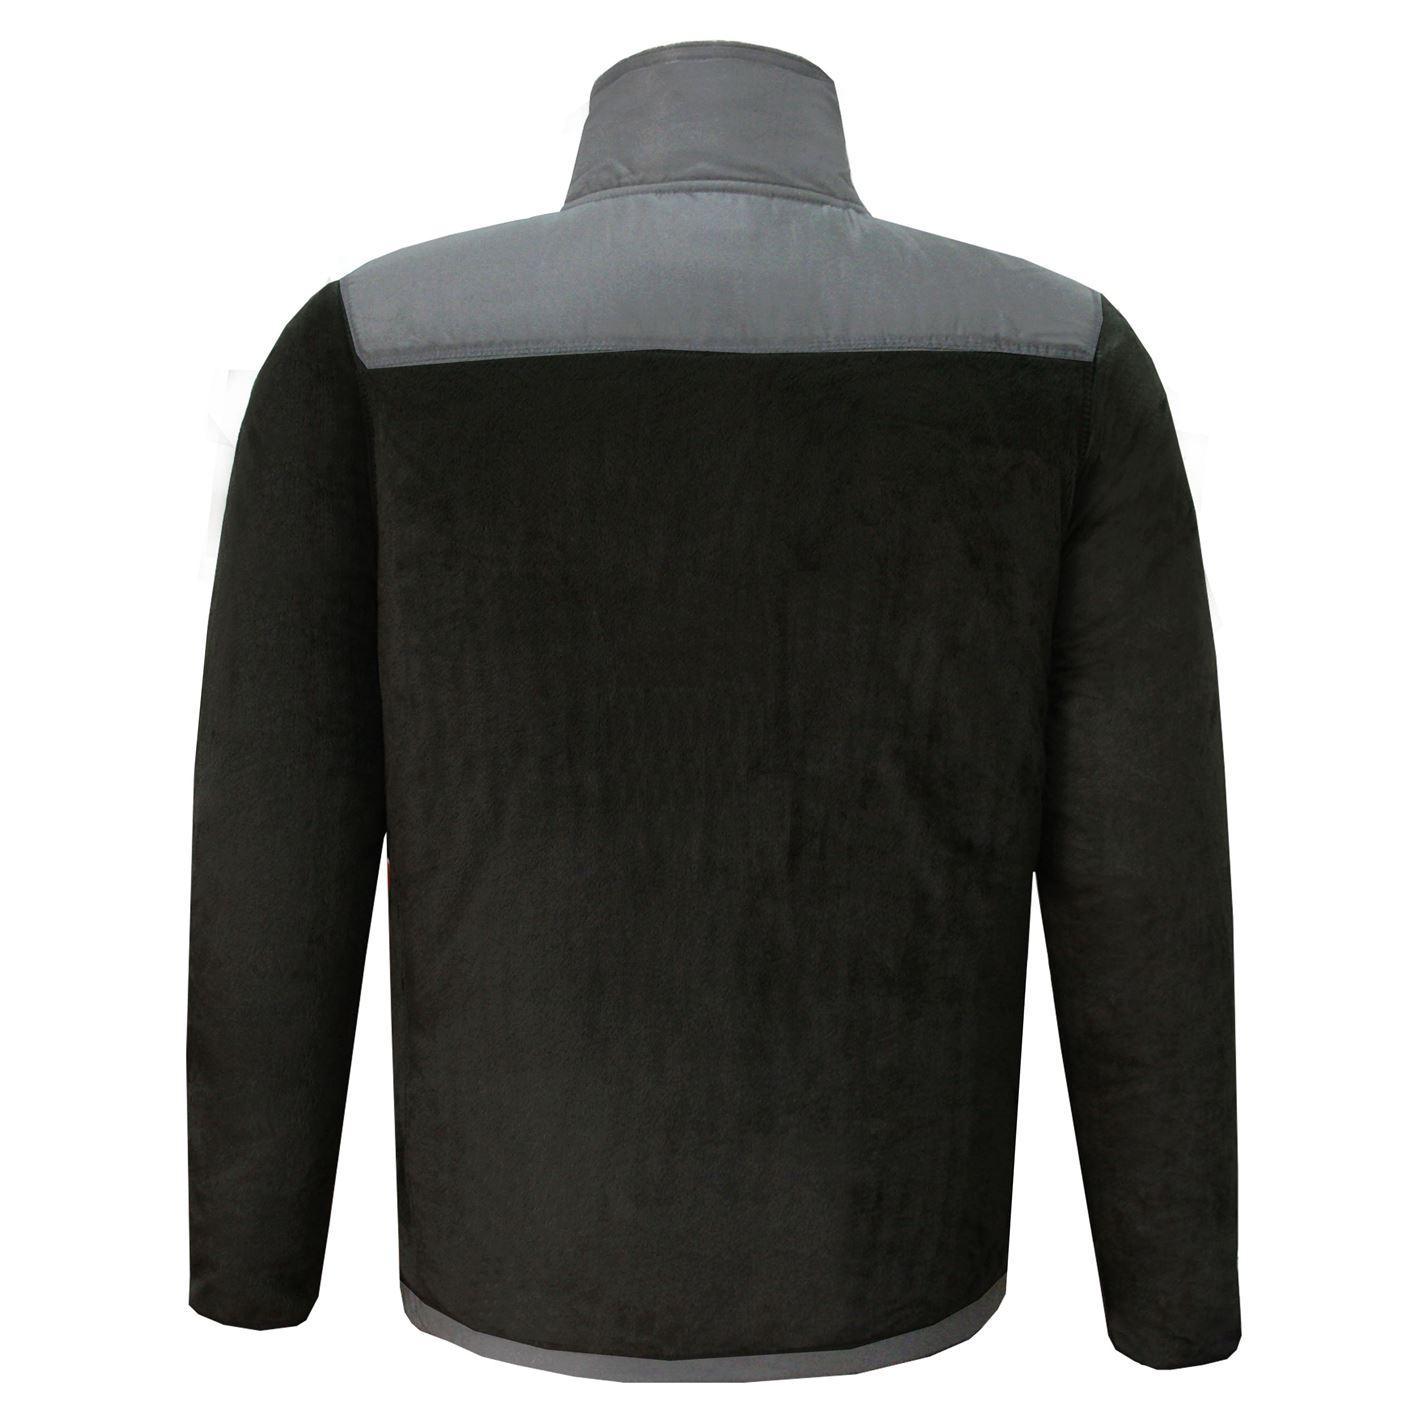 Lee-Cooper-Mens-Teddy-Fleece-Jacket-Full-Zip-Top-Coat-Sweatshirt-Jumper-Warm thumbnail 8